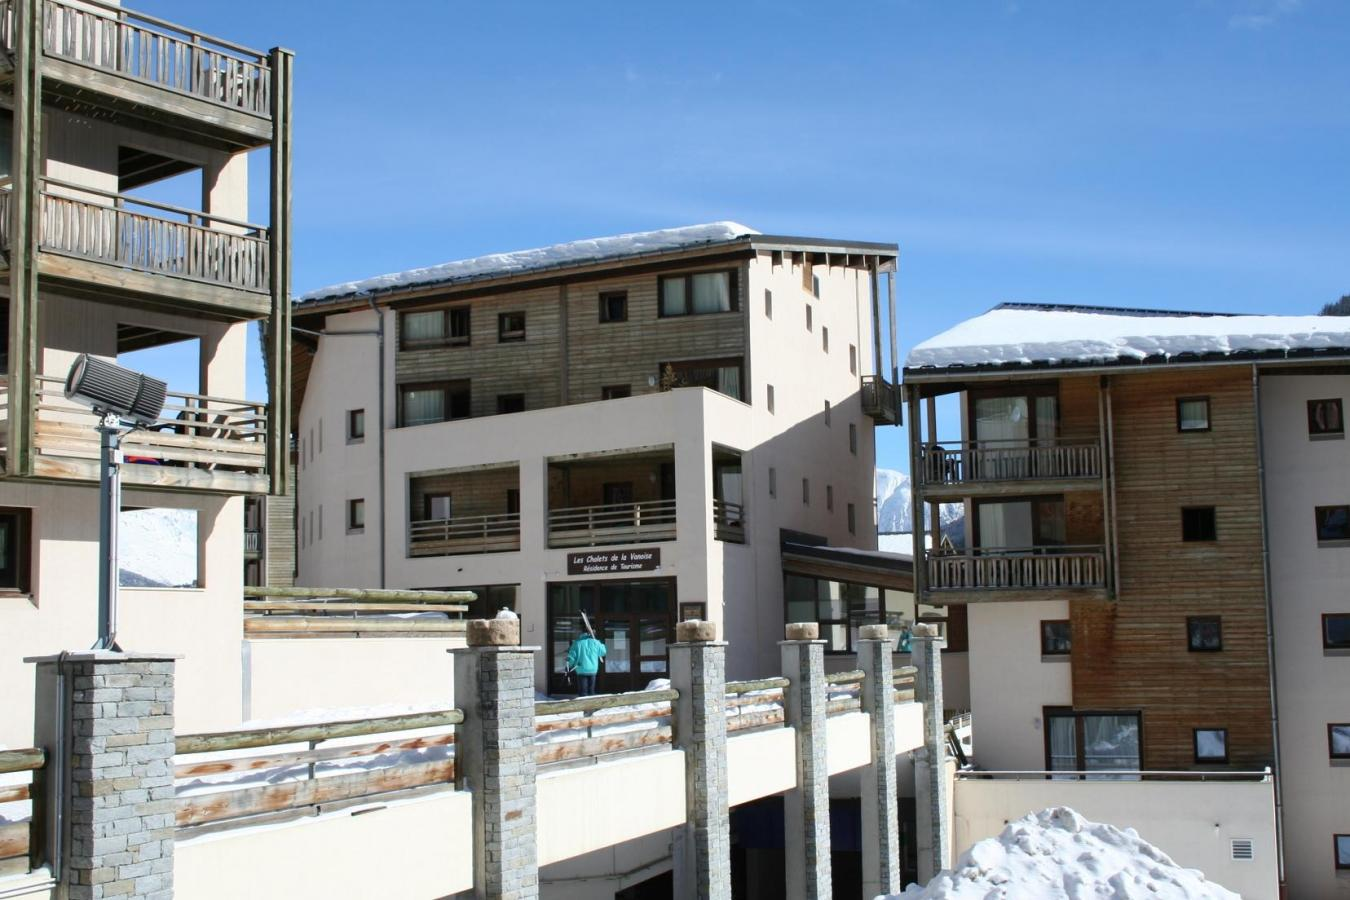 residence les chalets et balcons de la vanoise 40 la norma location vacances ski la norma